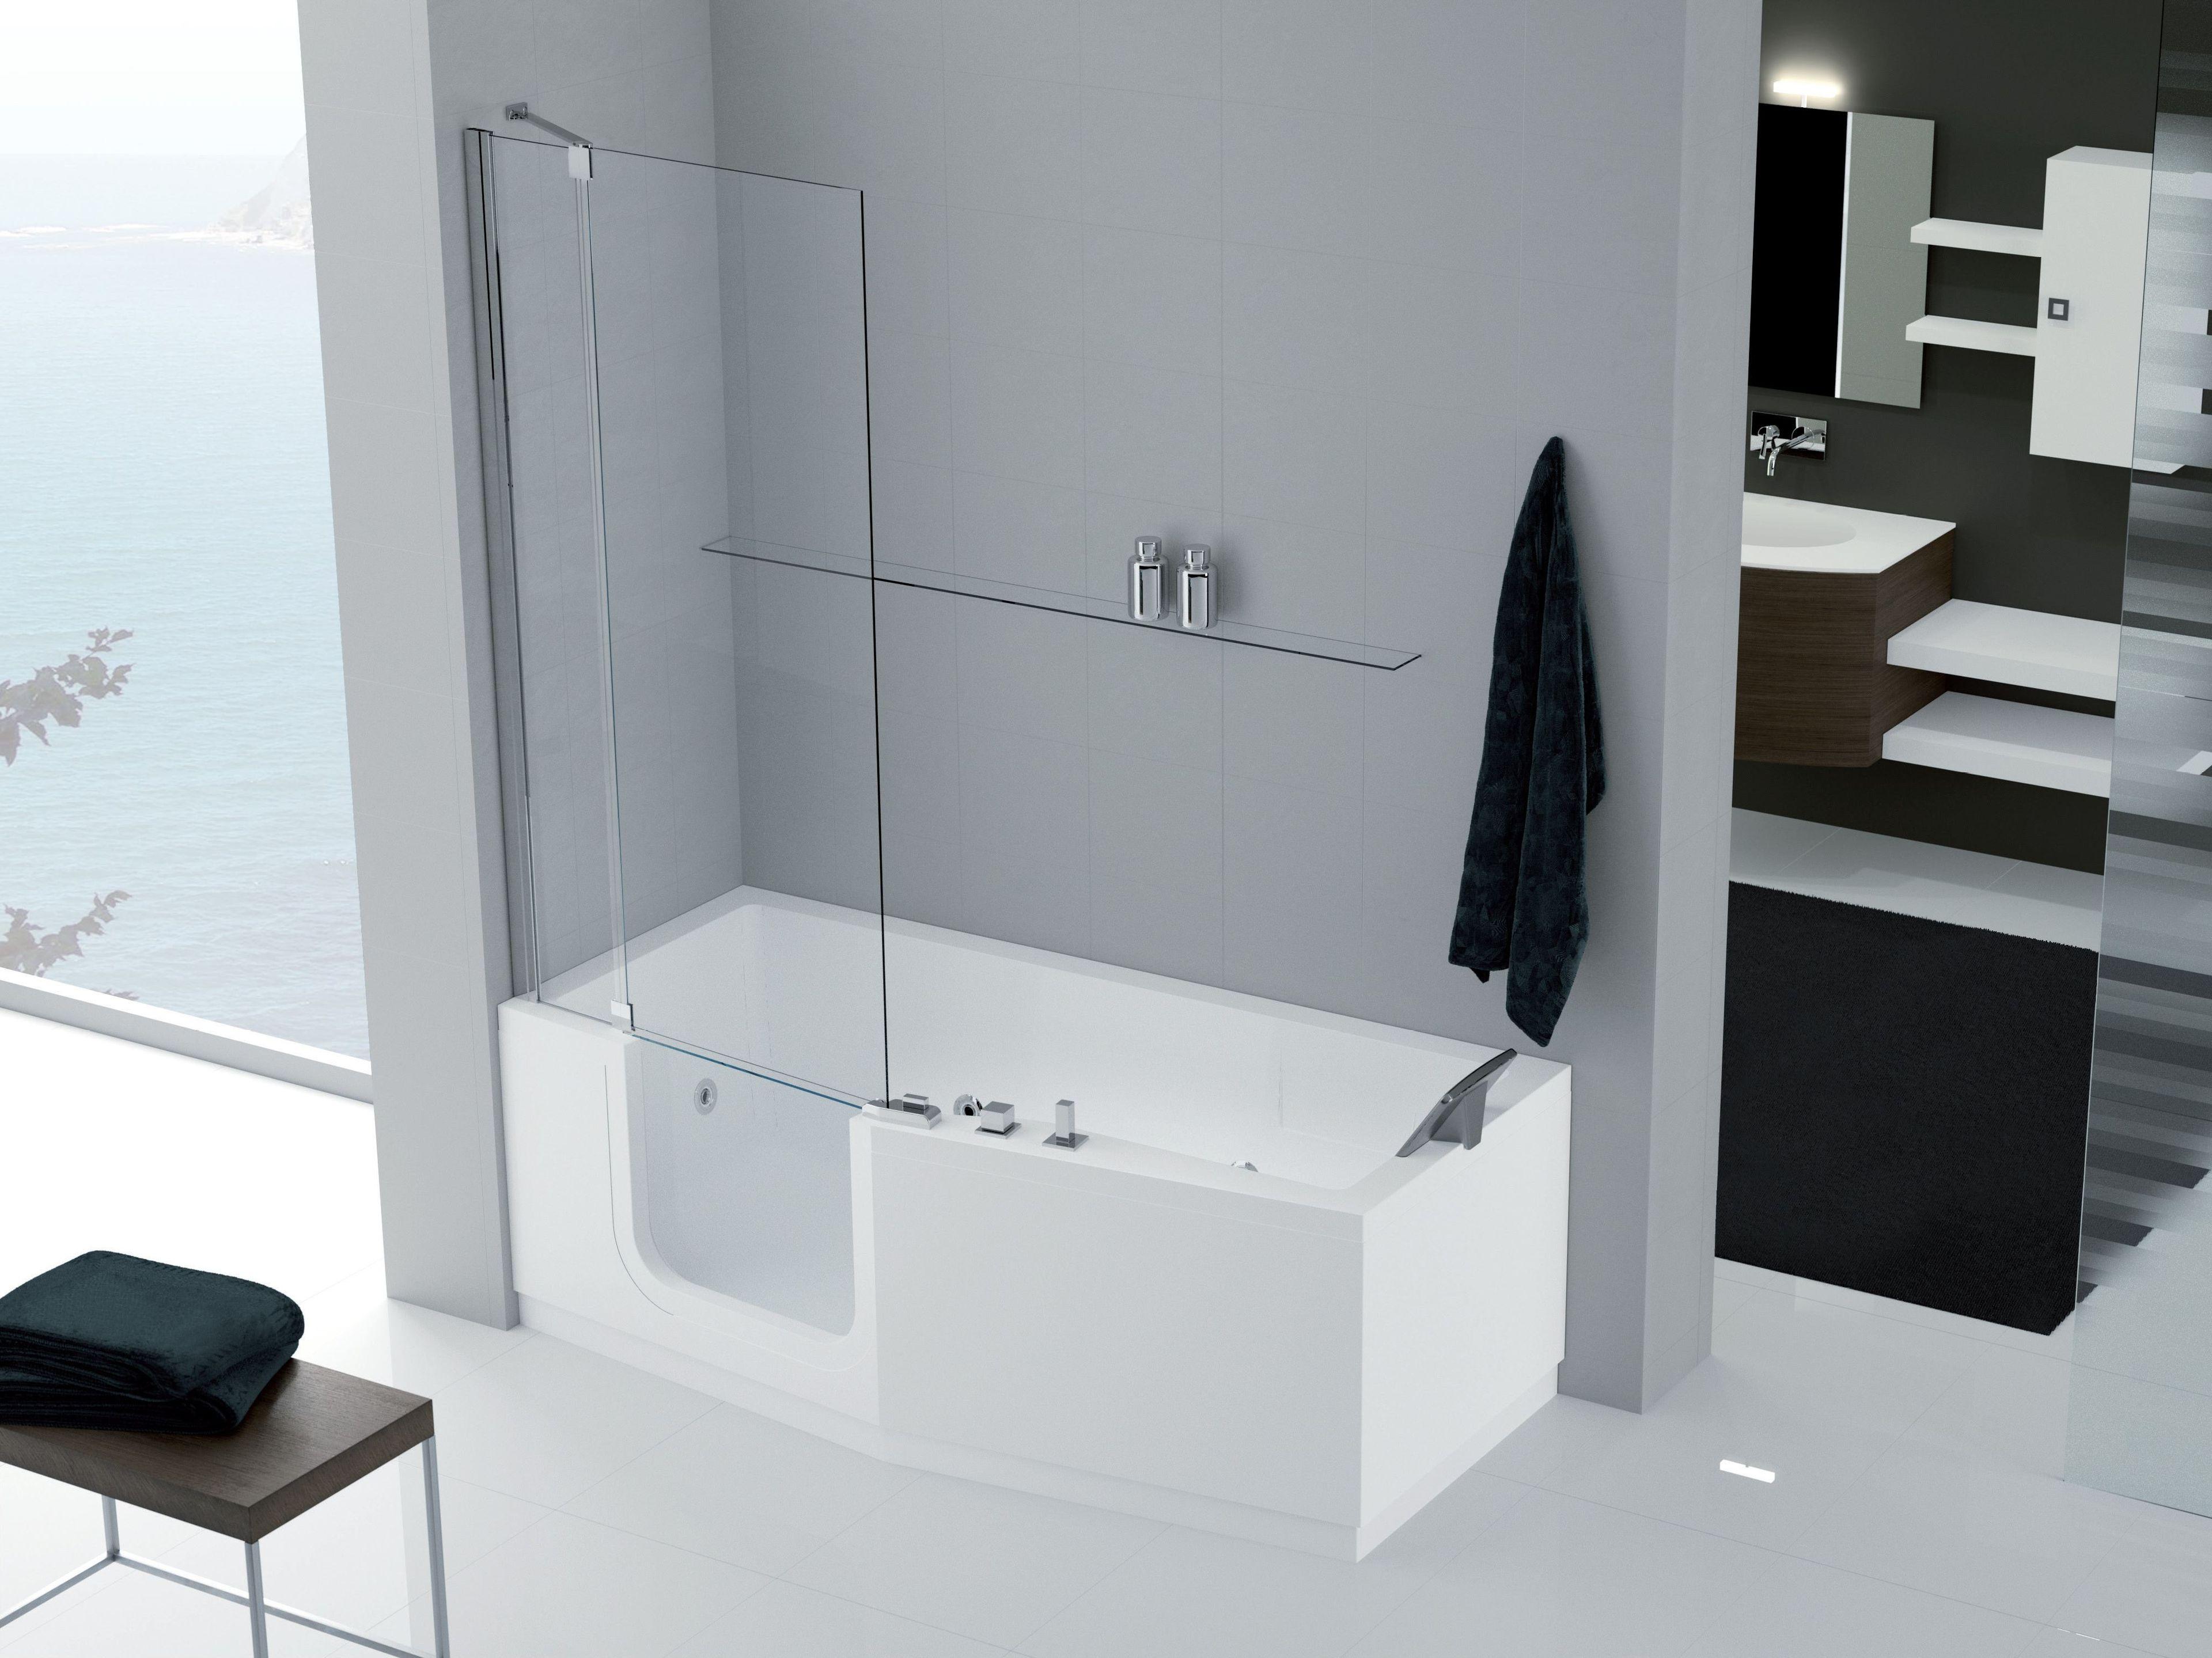 quadro rettangolare cauntri x salone. Black Bedroom Furniture Sets. Home Design Ideas